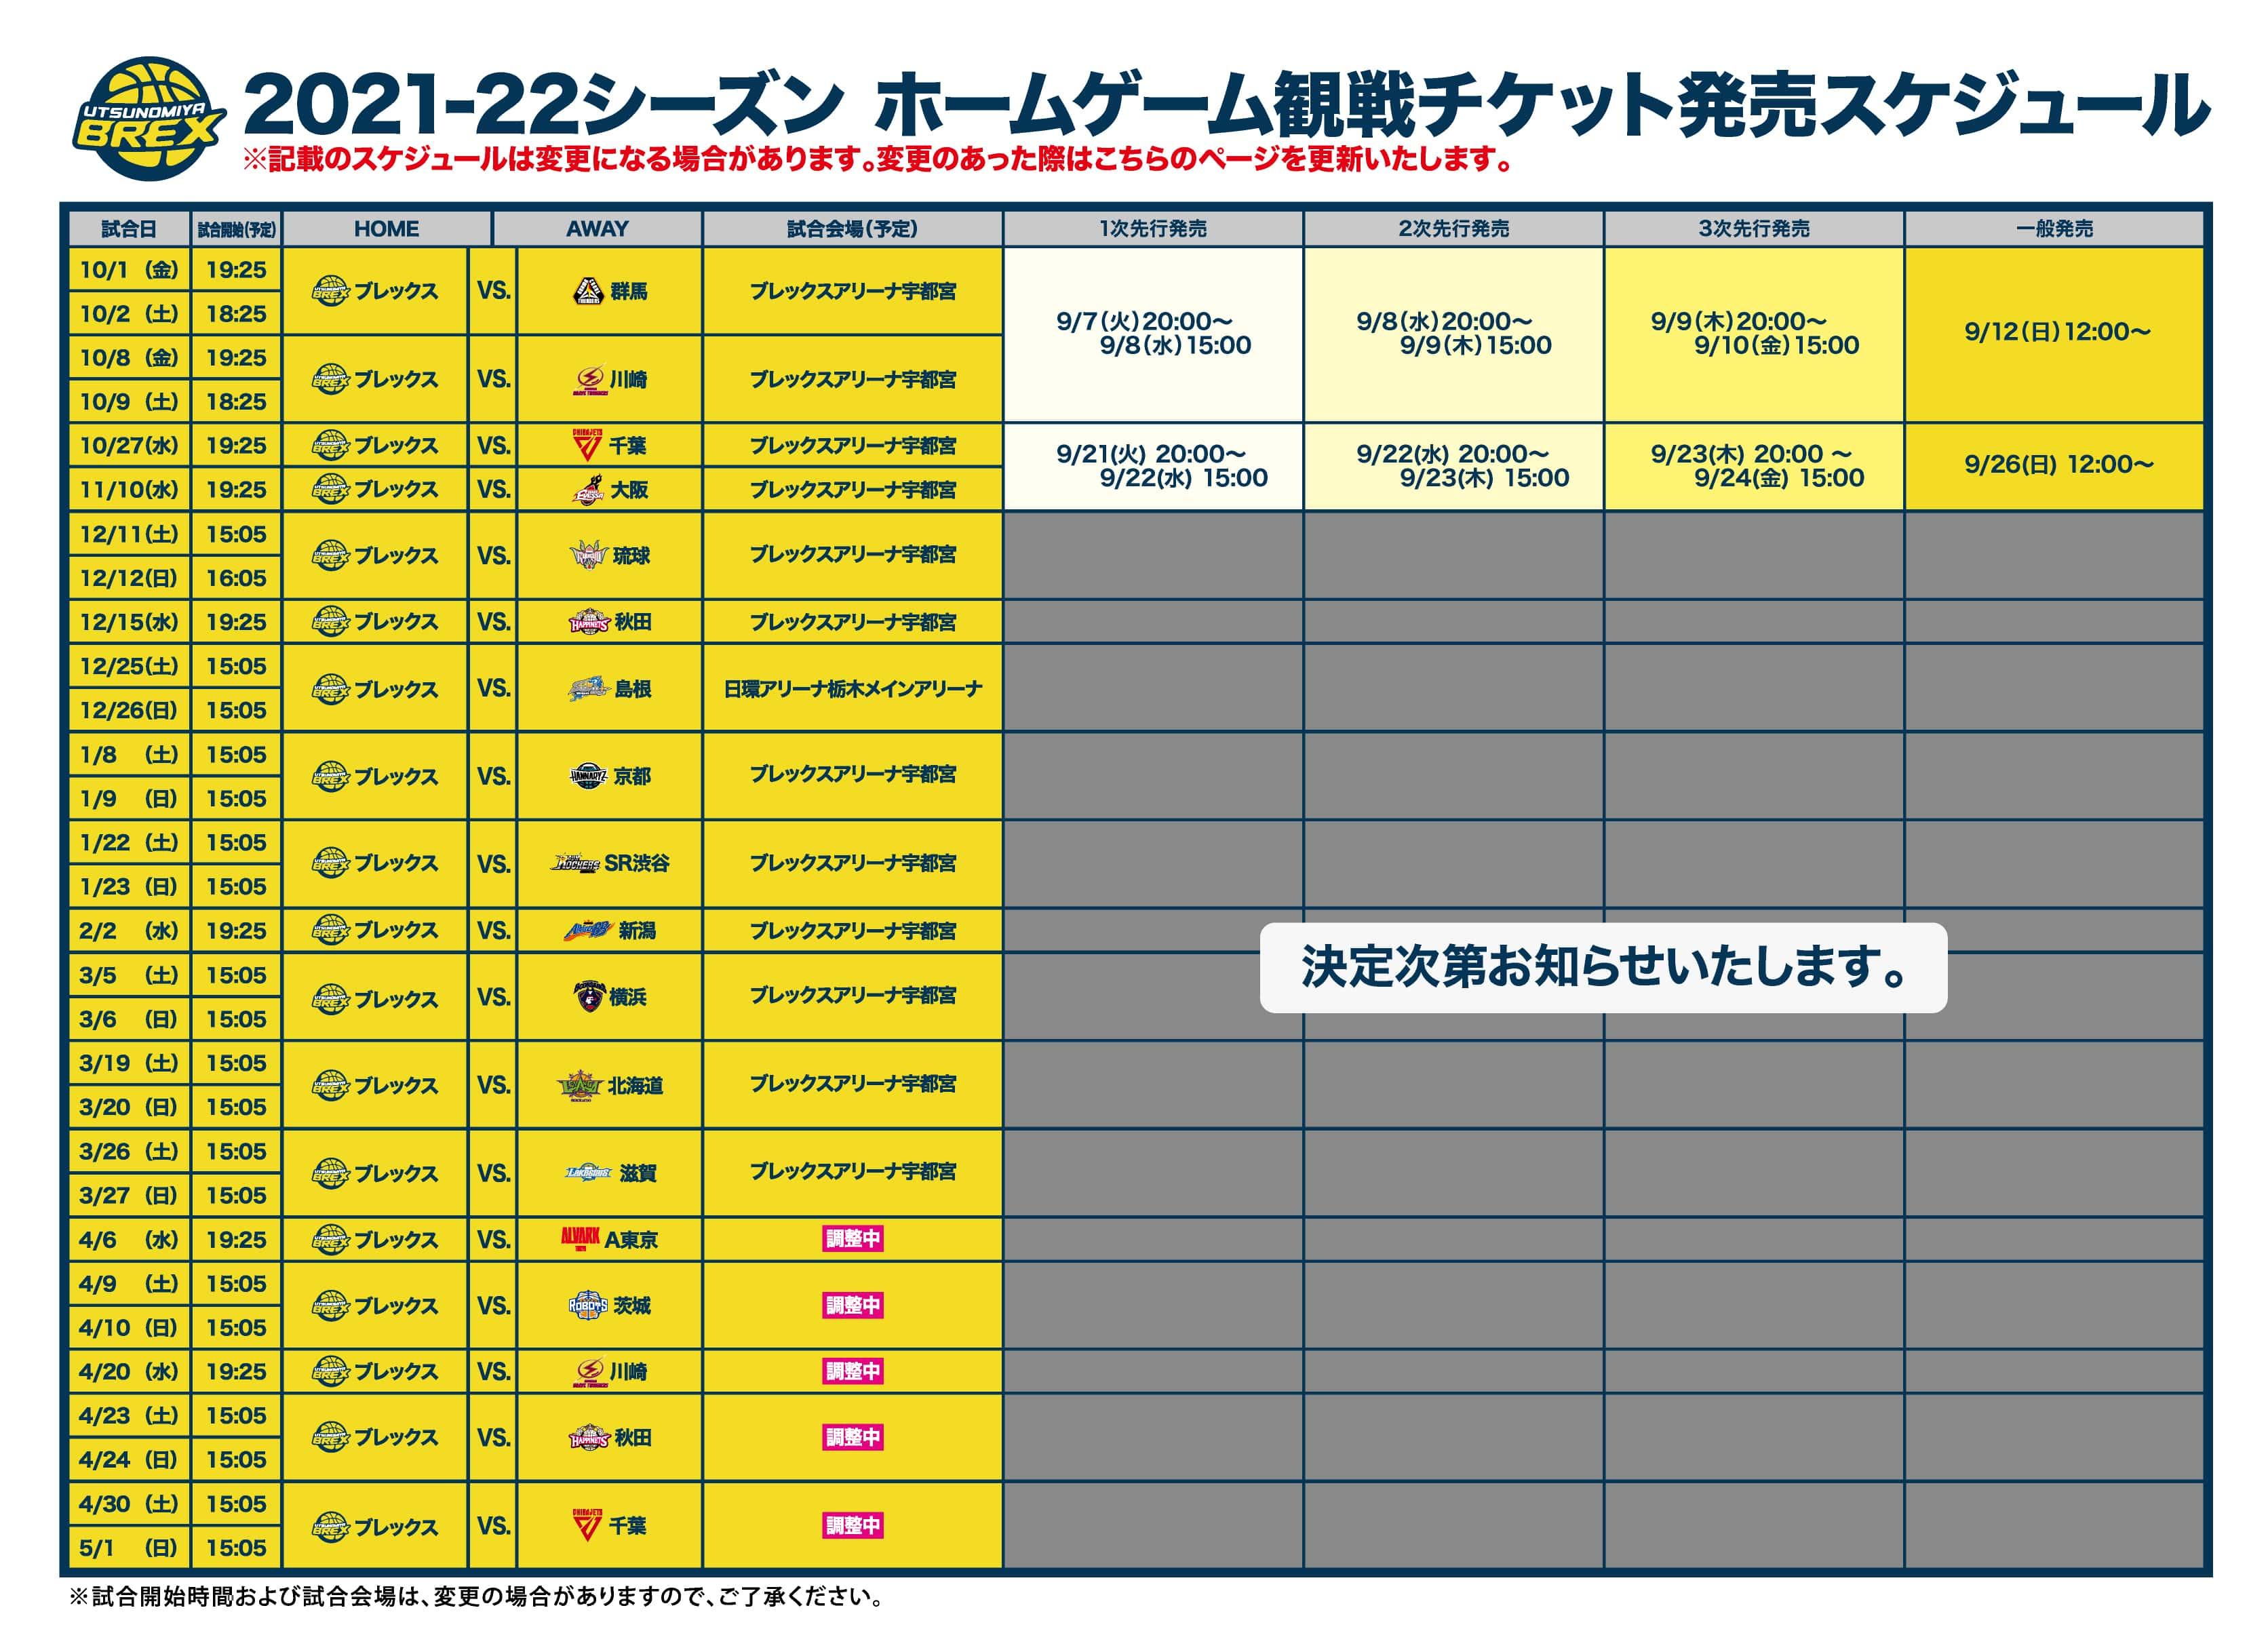 2021-22シーズン チケット発売スケジュール